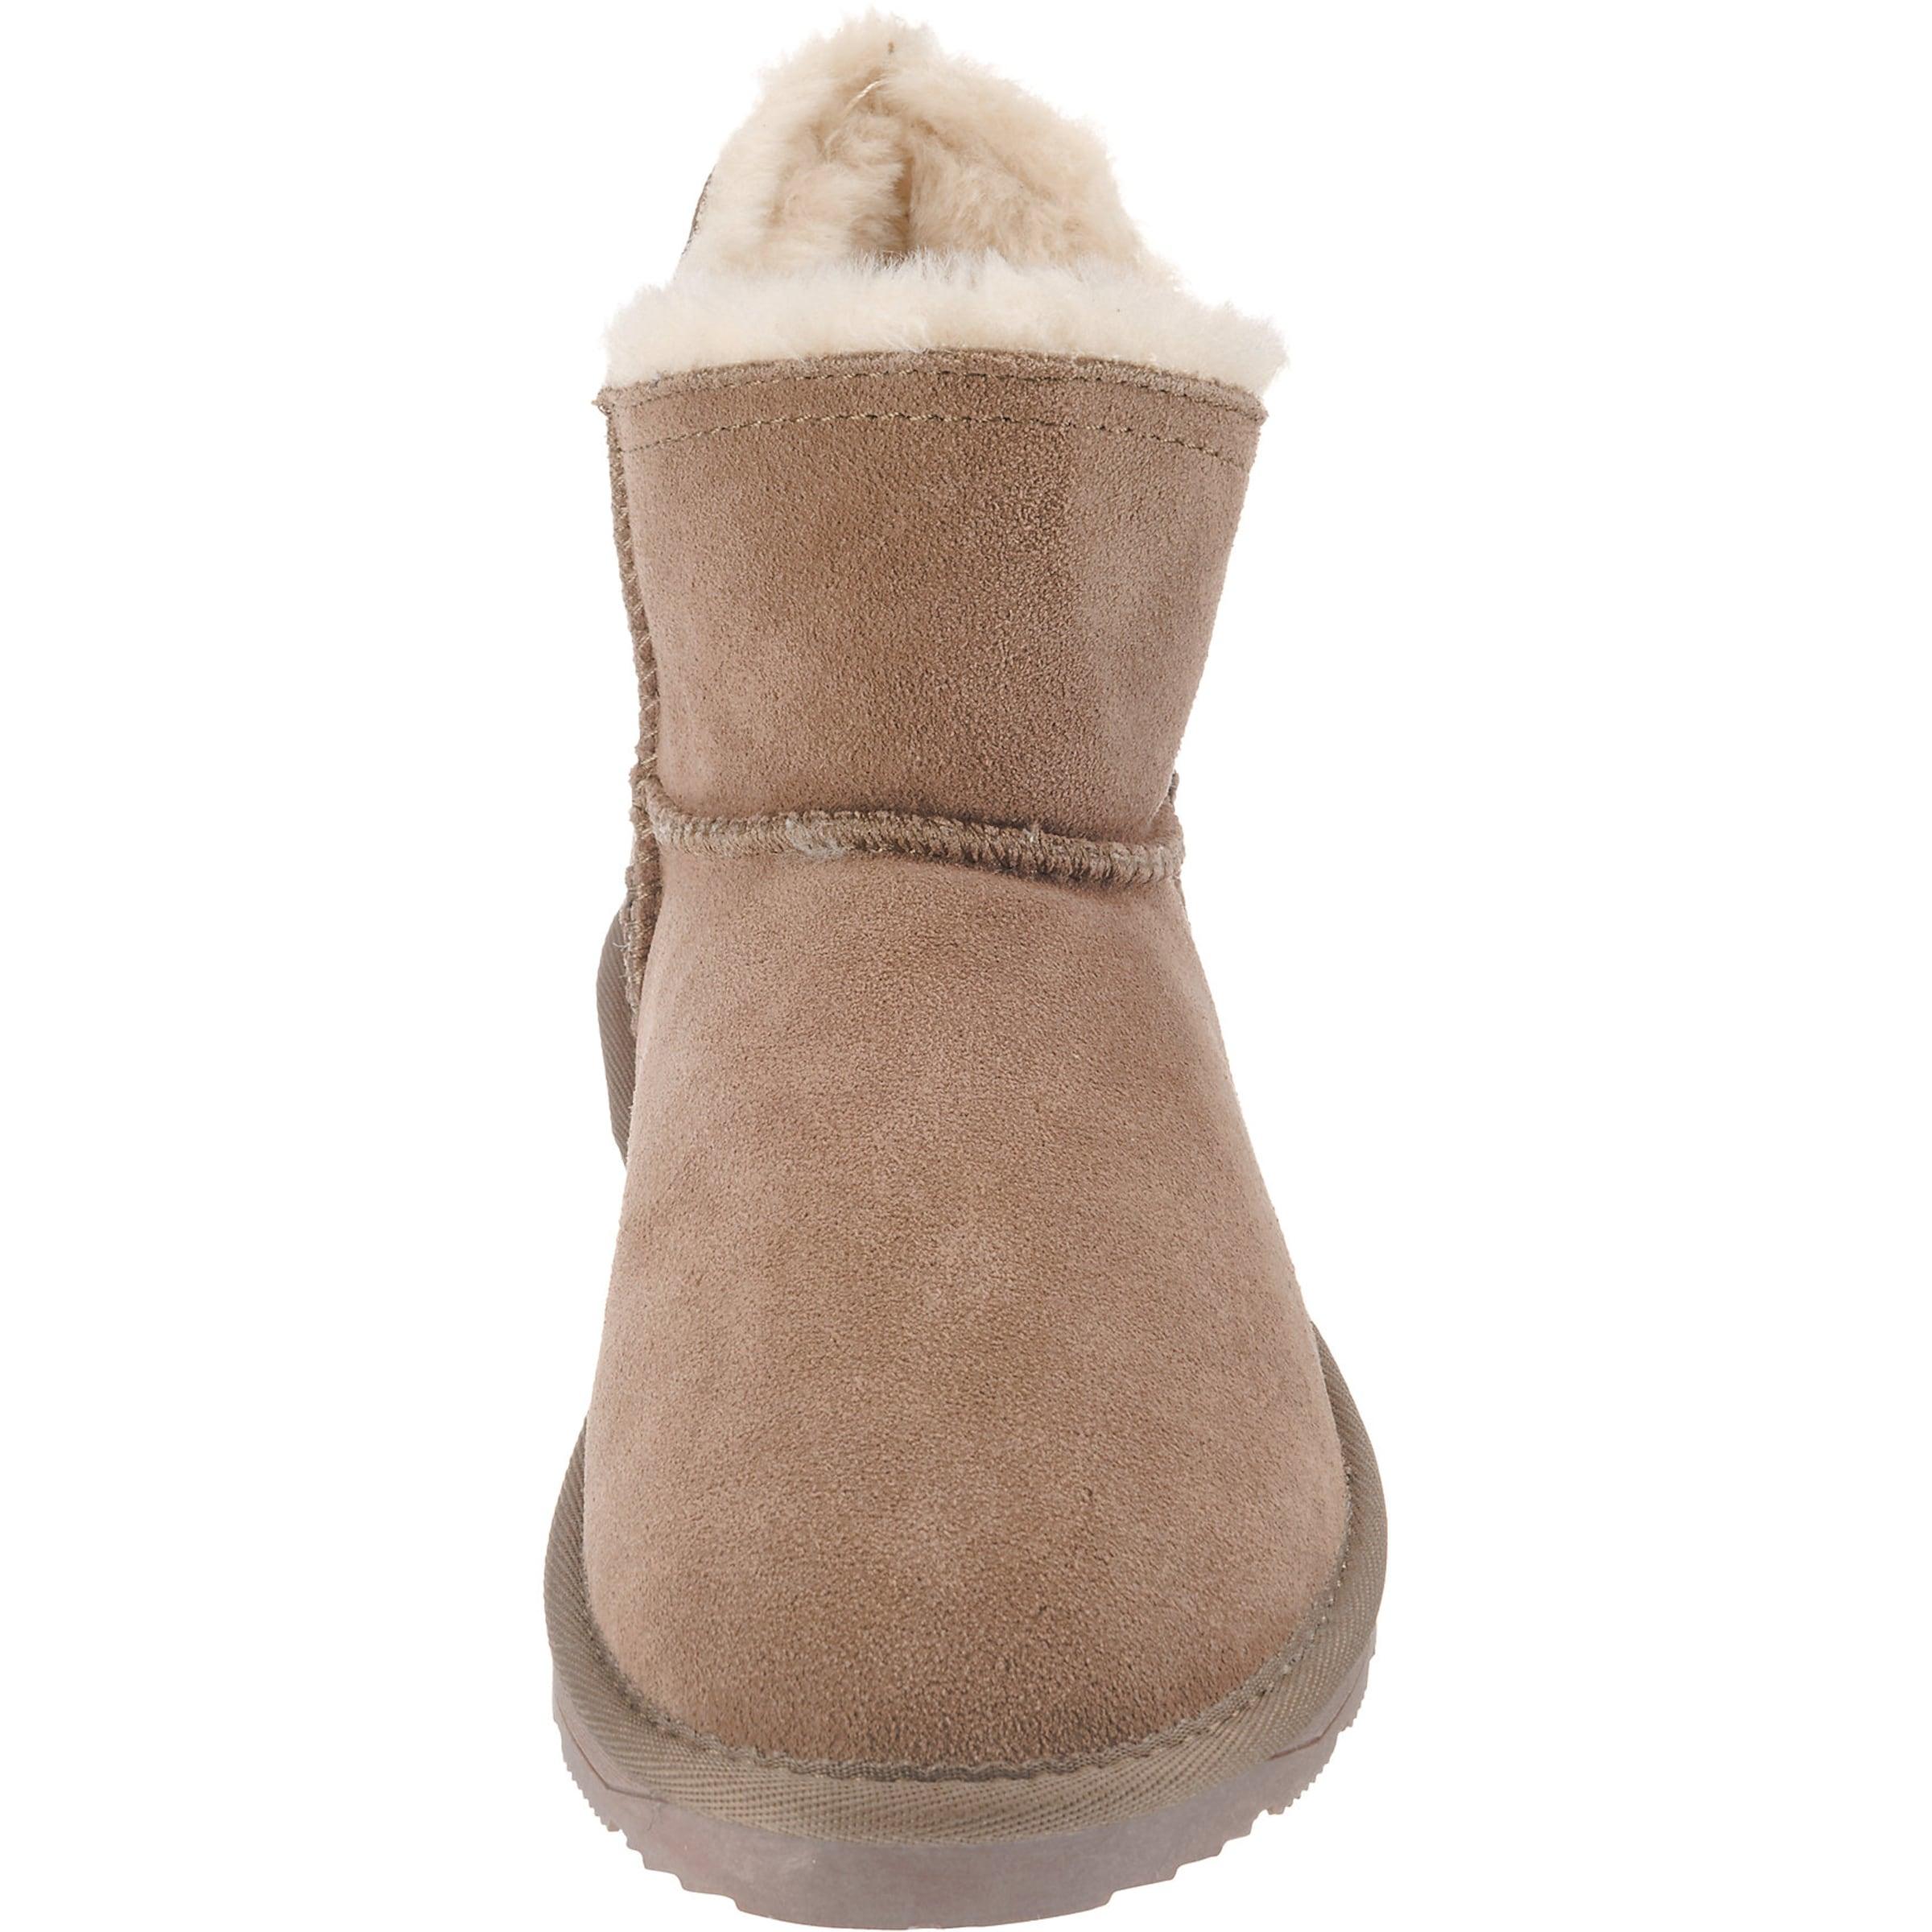 Boots In 'luna BeigeHellbraun Low' Esprit GqSpUzMV